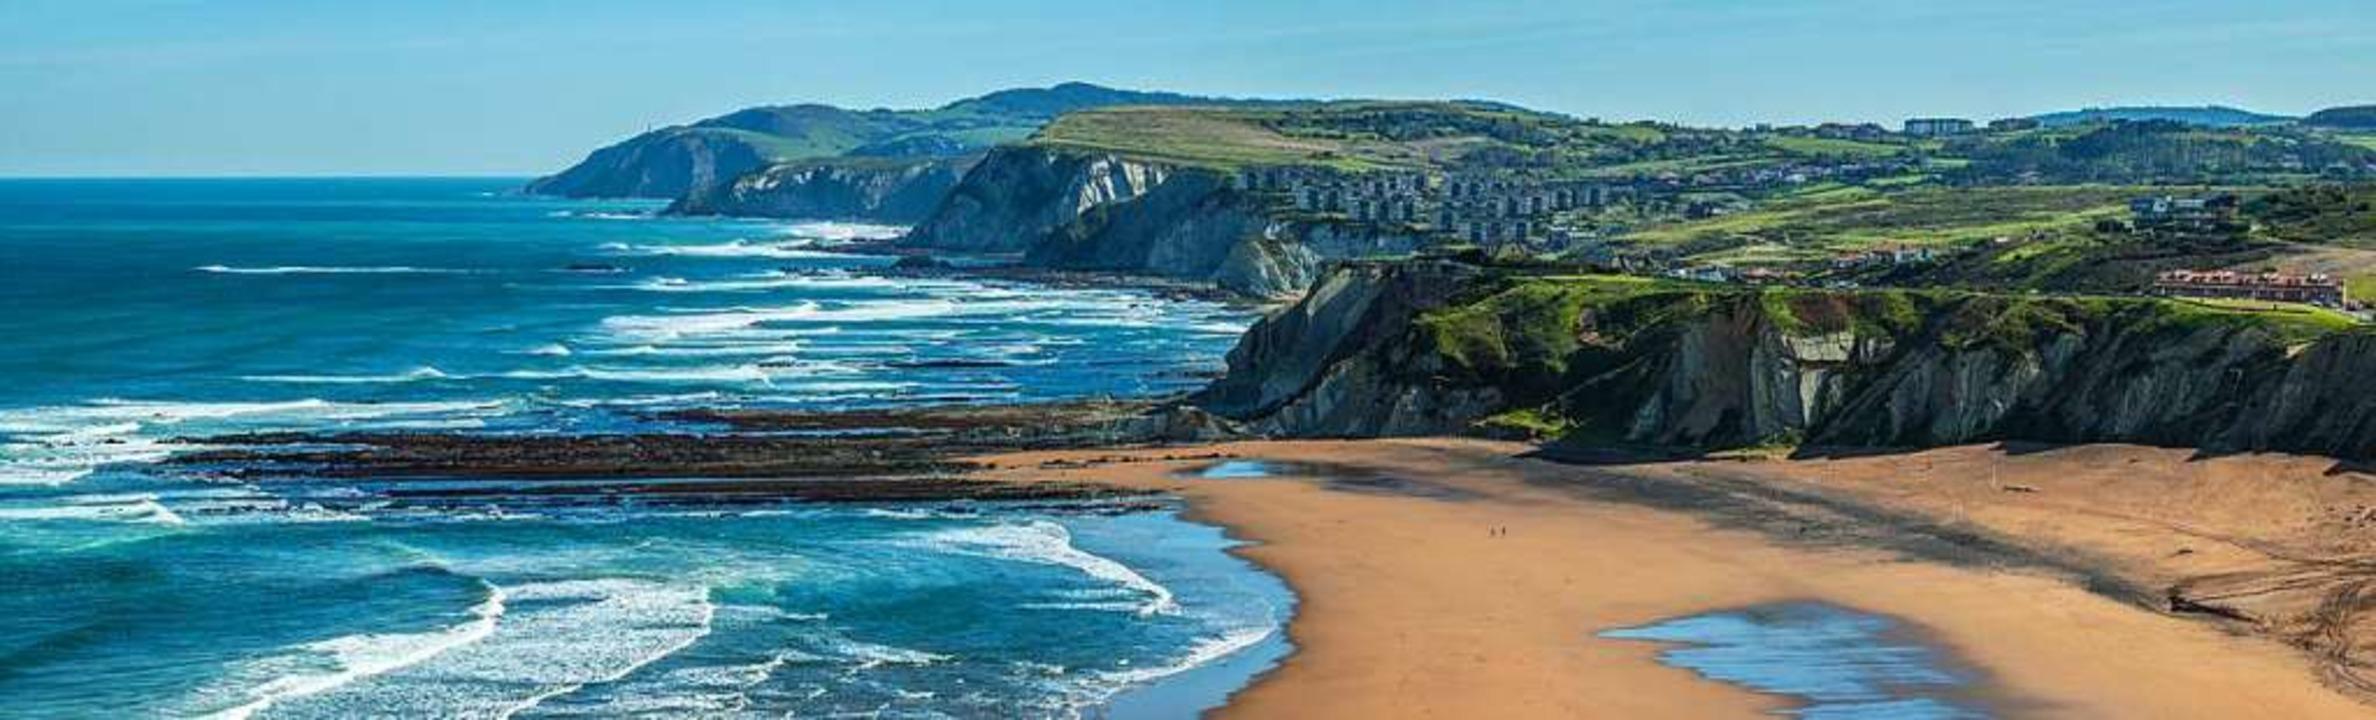 Die schroffe Küste im Baskenland    Foto: David Gonzalez Rebollo stock.adobe.com